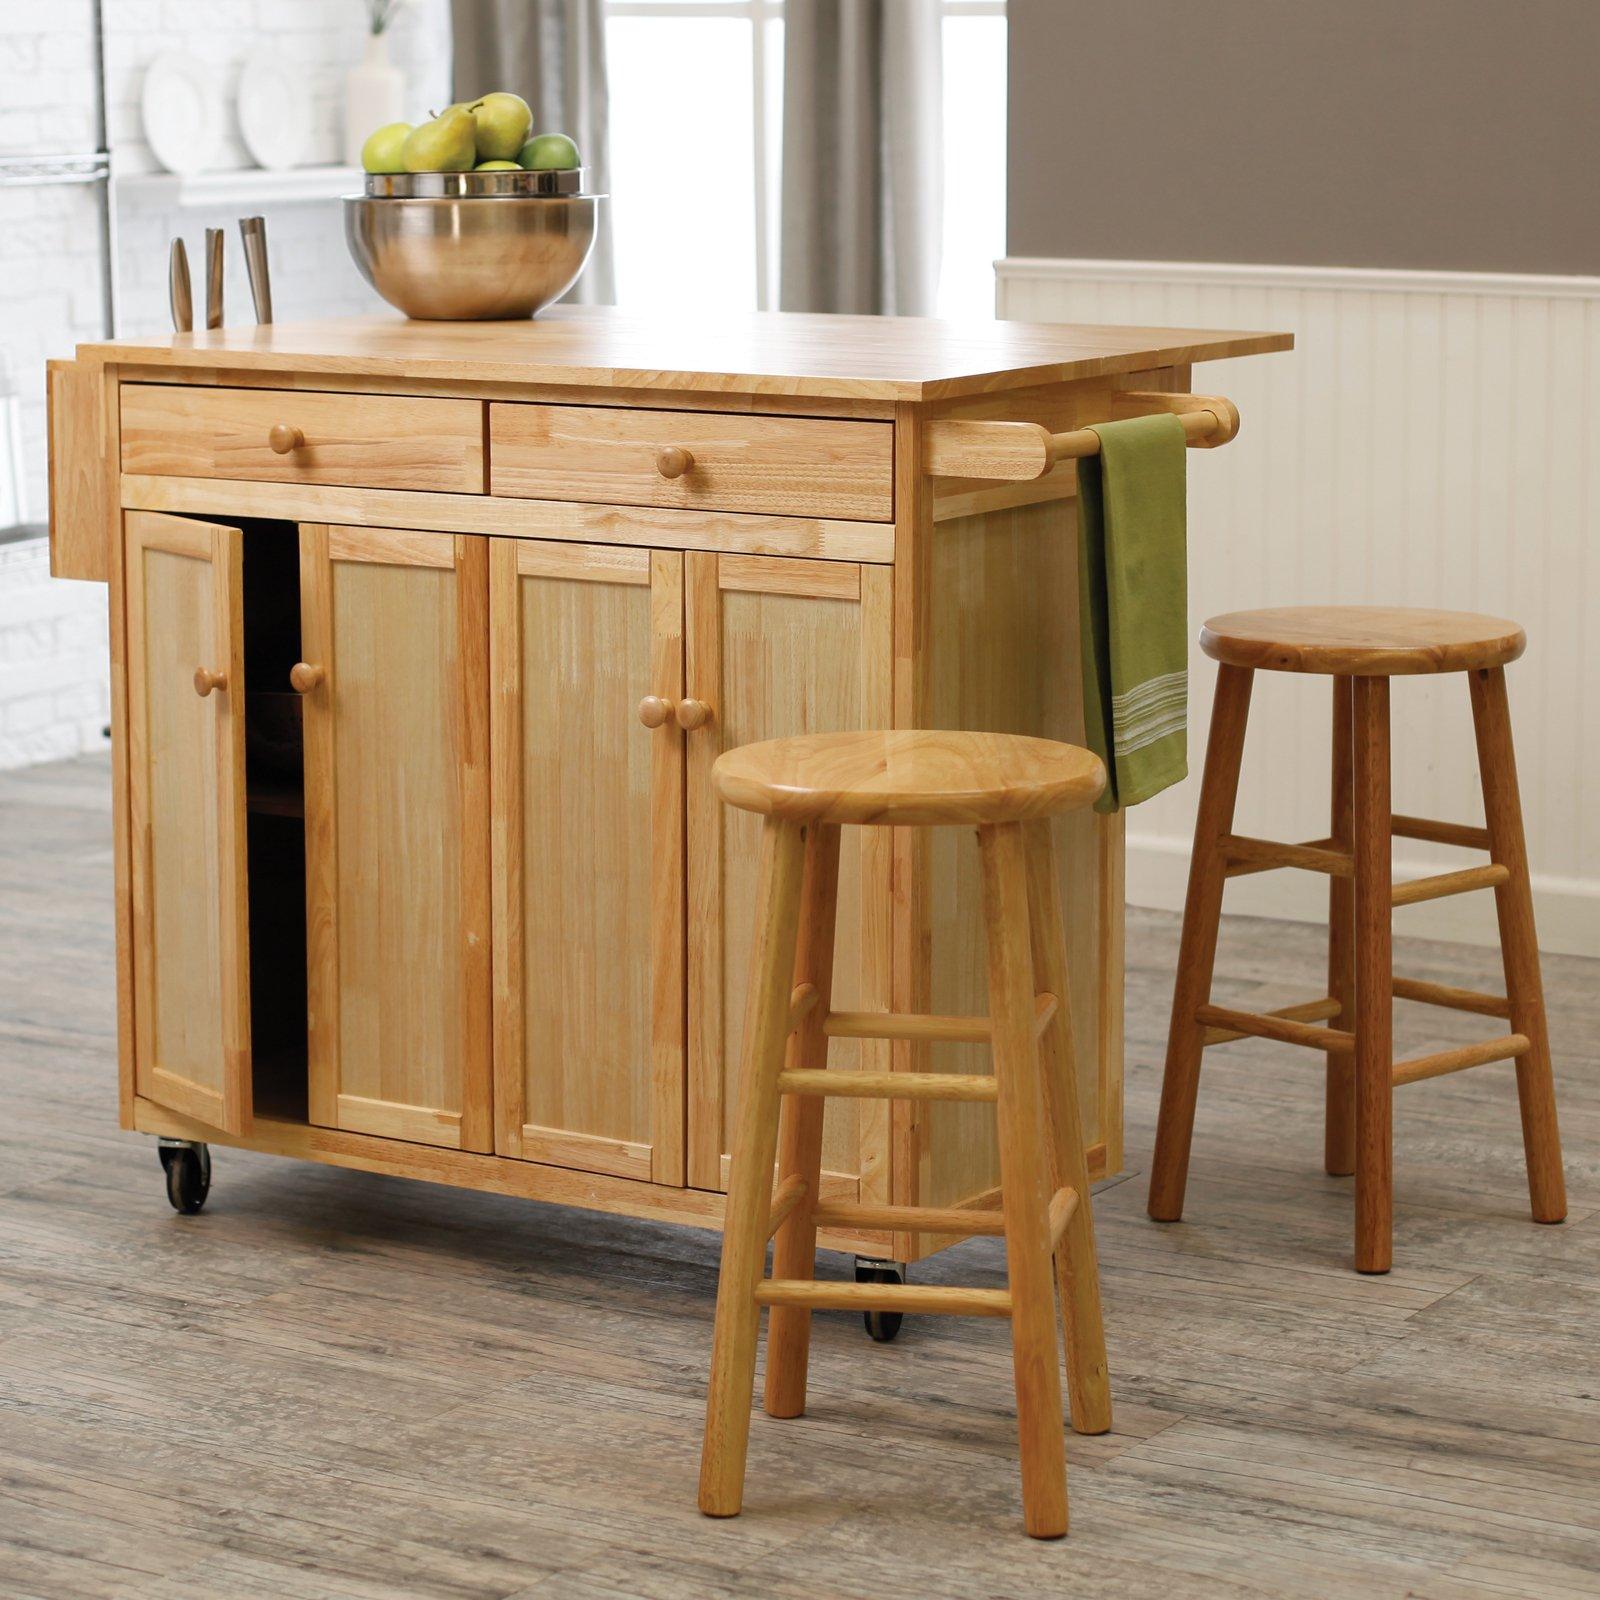 Kitchen Island Ideas With Seating Uk kitchen island with wheels how to build a diy kitchen island on